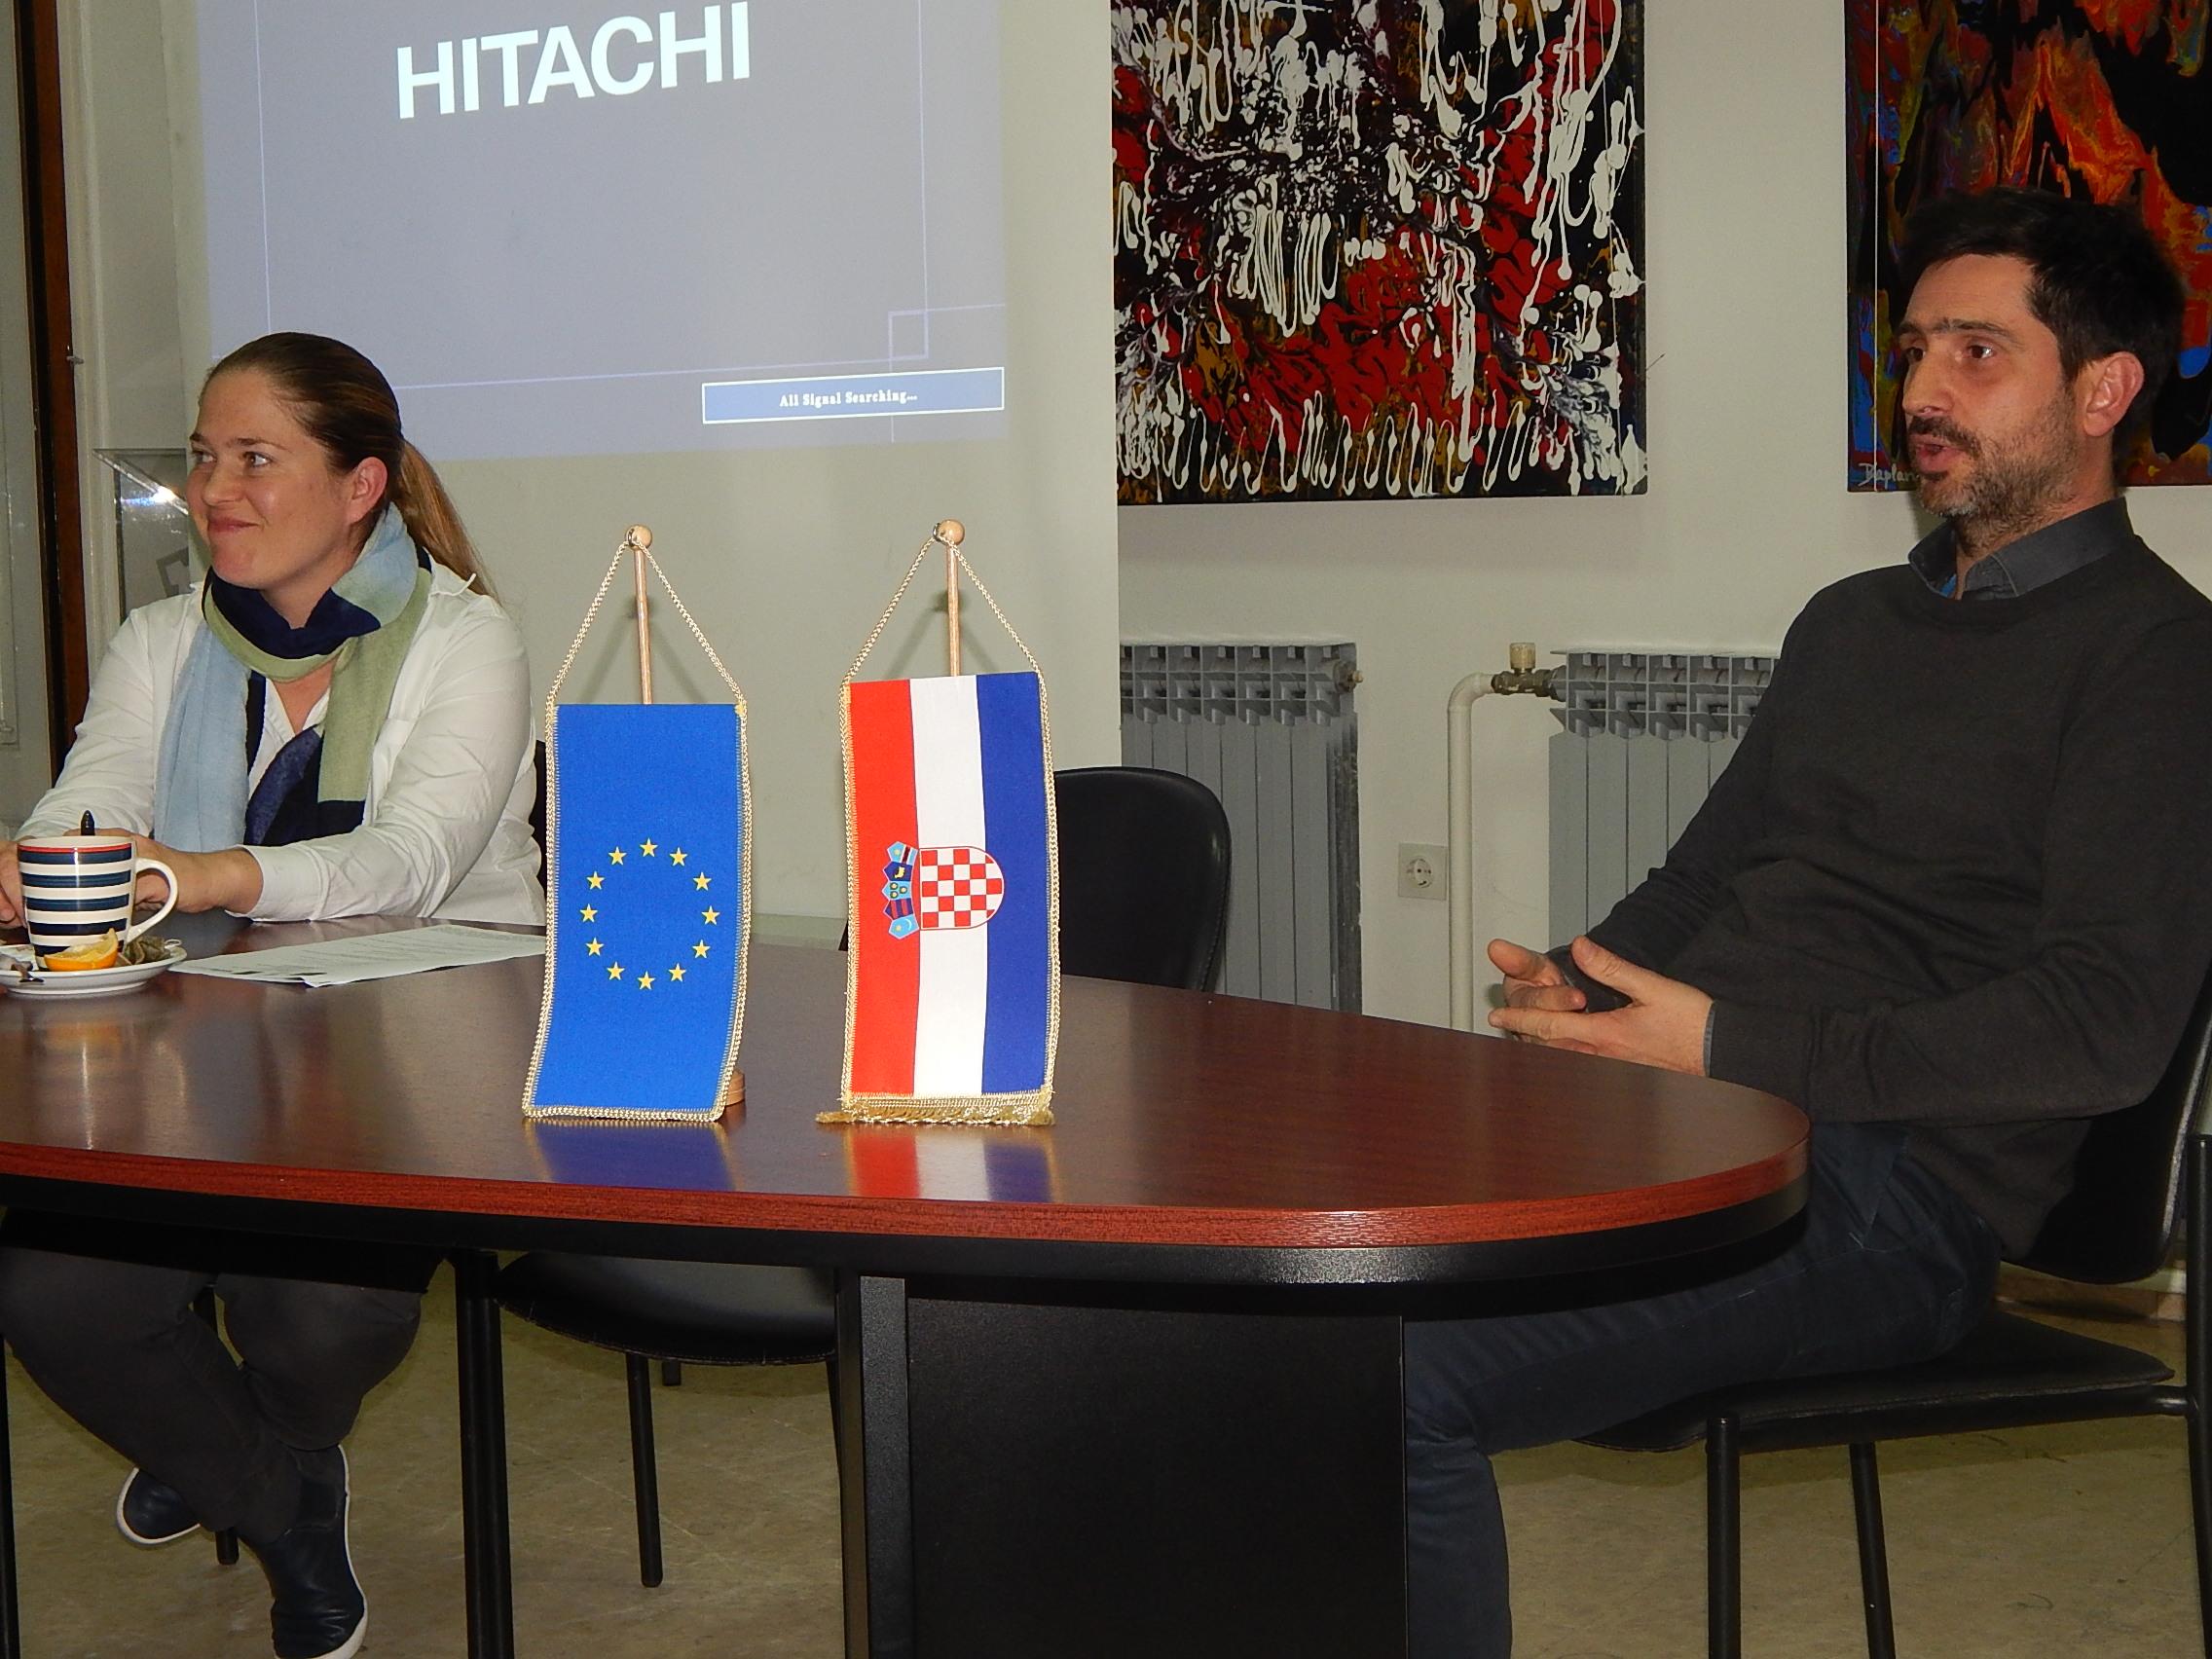 Miranda Veljačić i Dinko Peračić. Karlovac, 28. 12. 2016. Foto: Marin Bakić